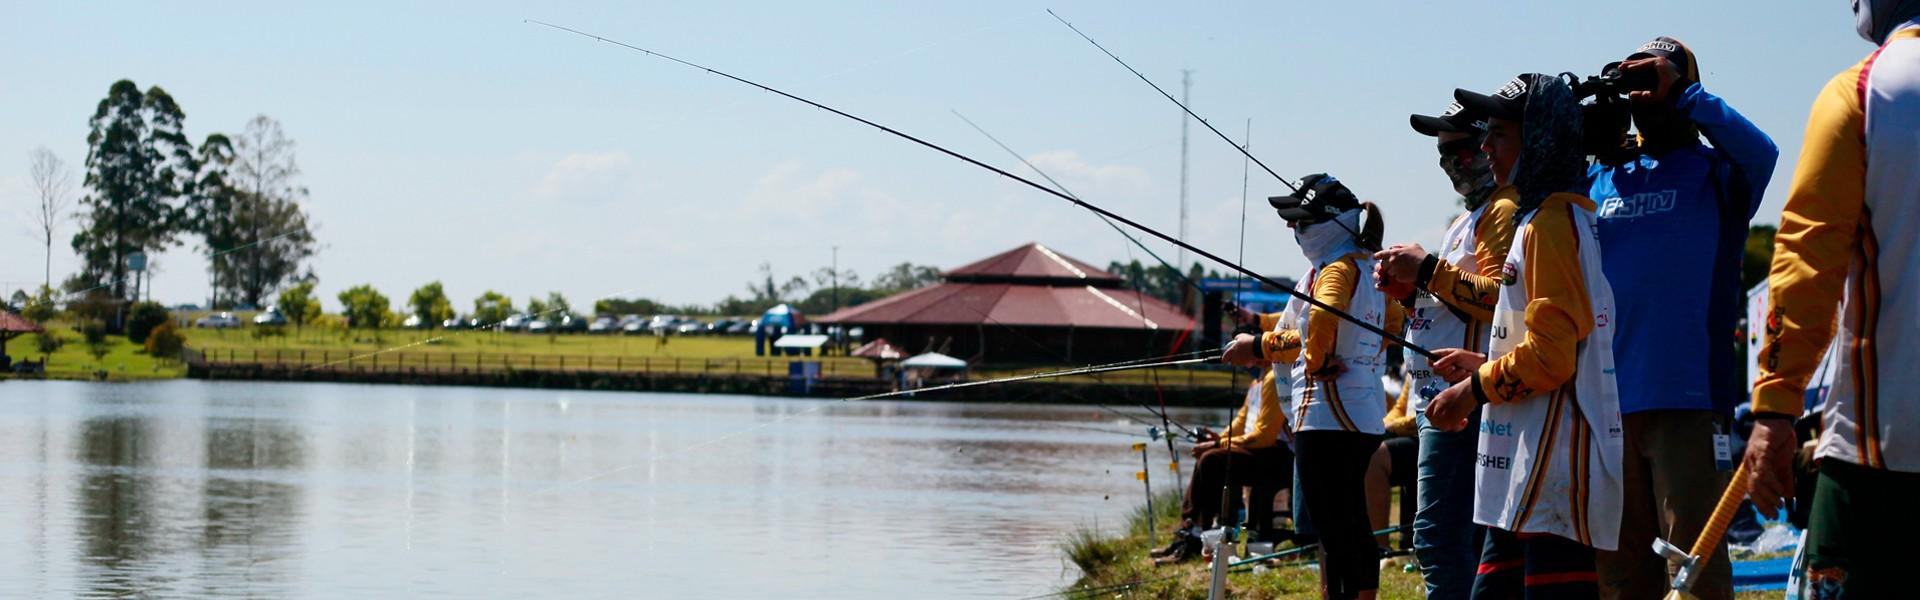 Campeonato Brasileiro em Pesqueiros: confira 4 dicas para ir bem nas etapas do Sul